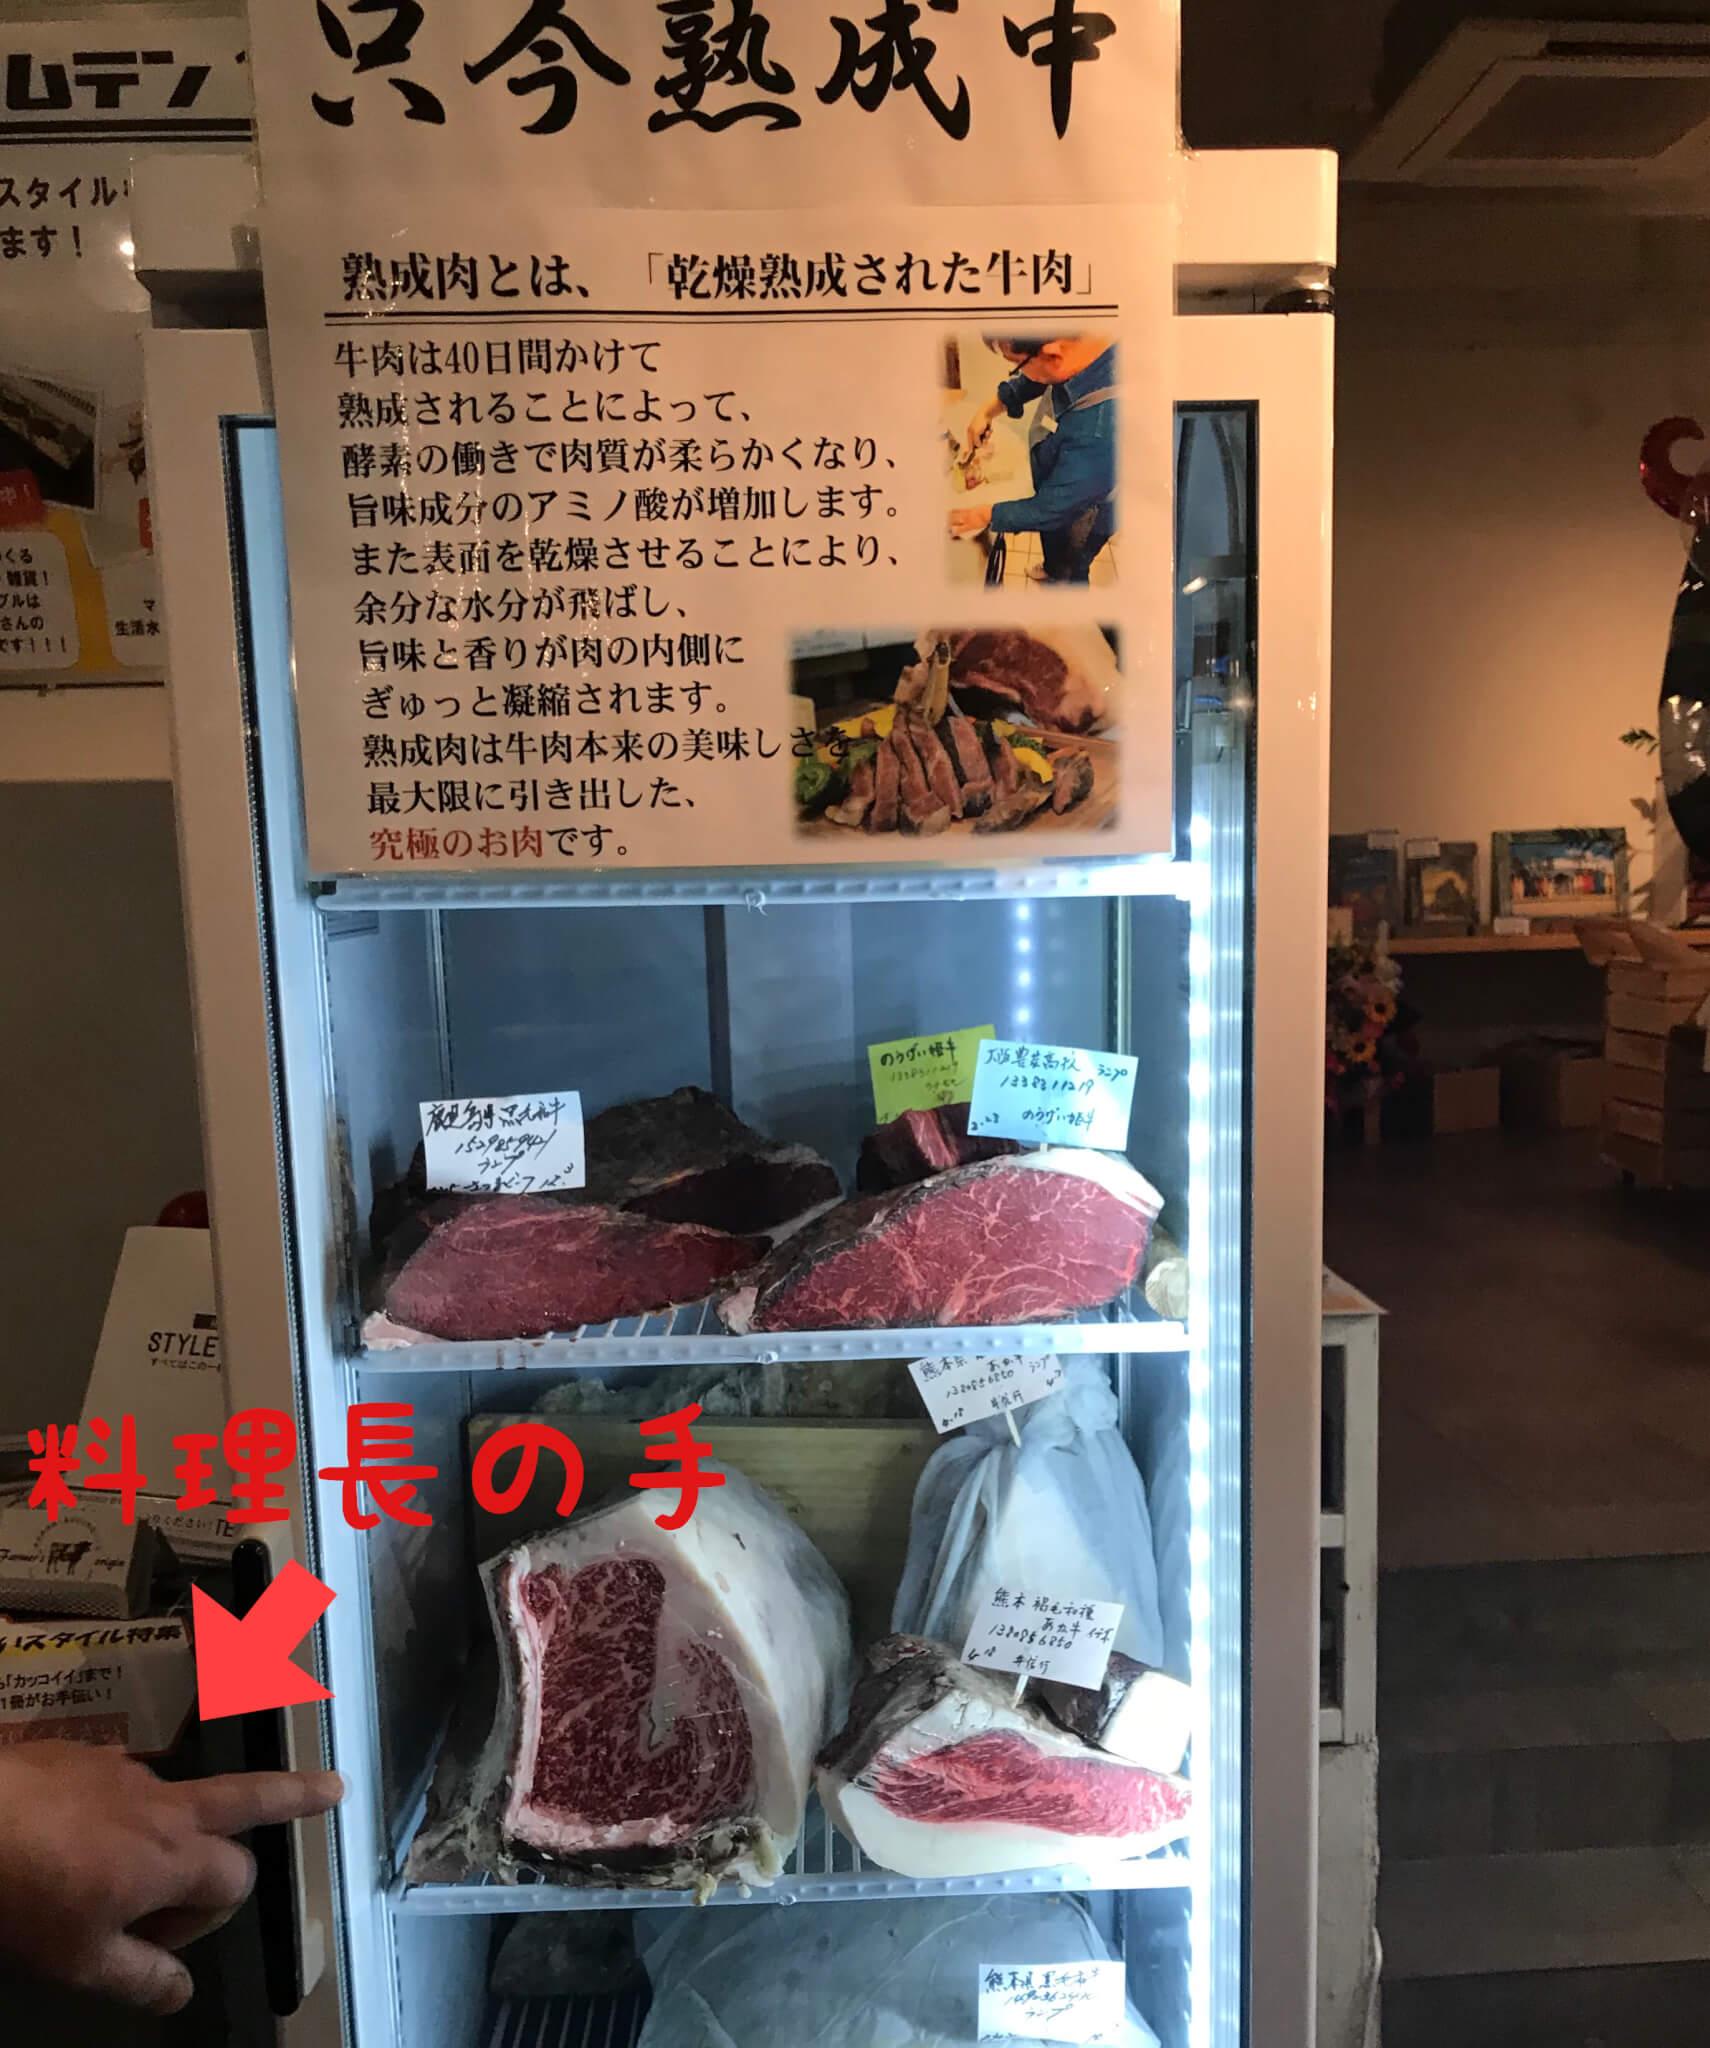 ファーマーズオリジン 熟成肉の冷蔵庫 料理長の手